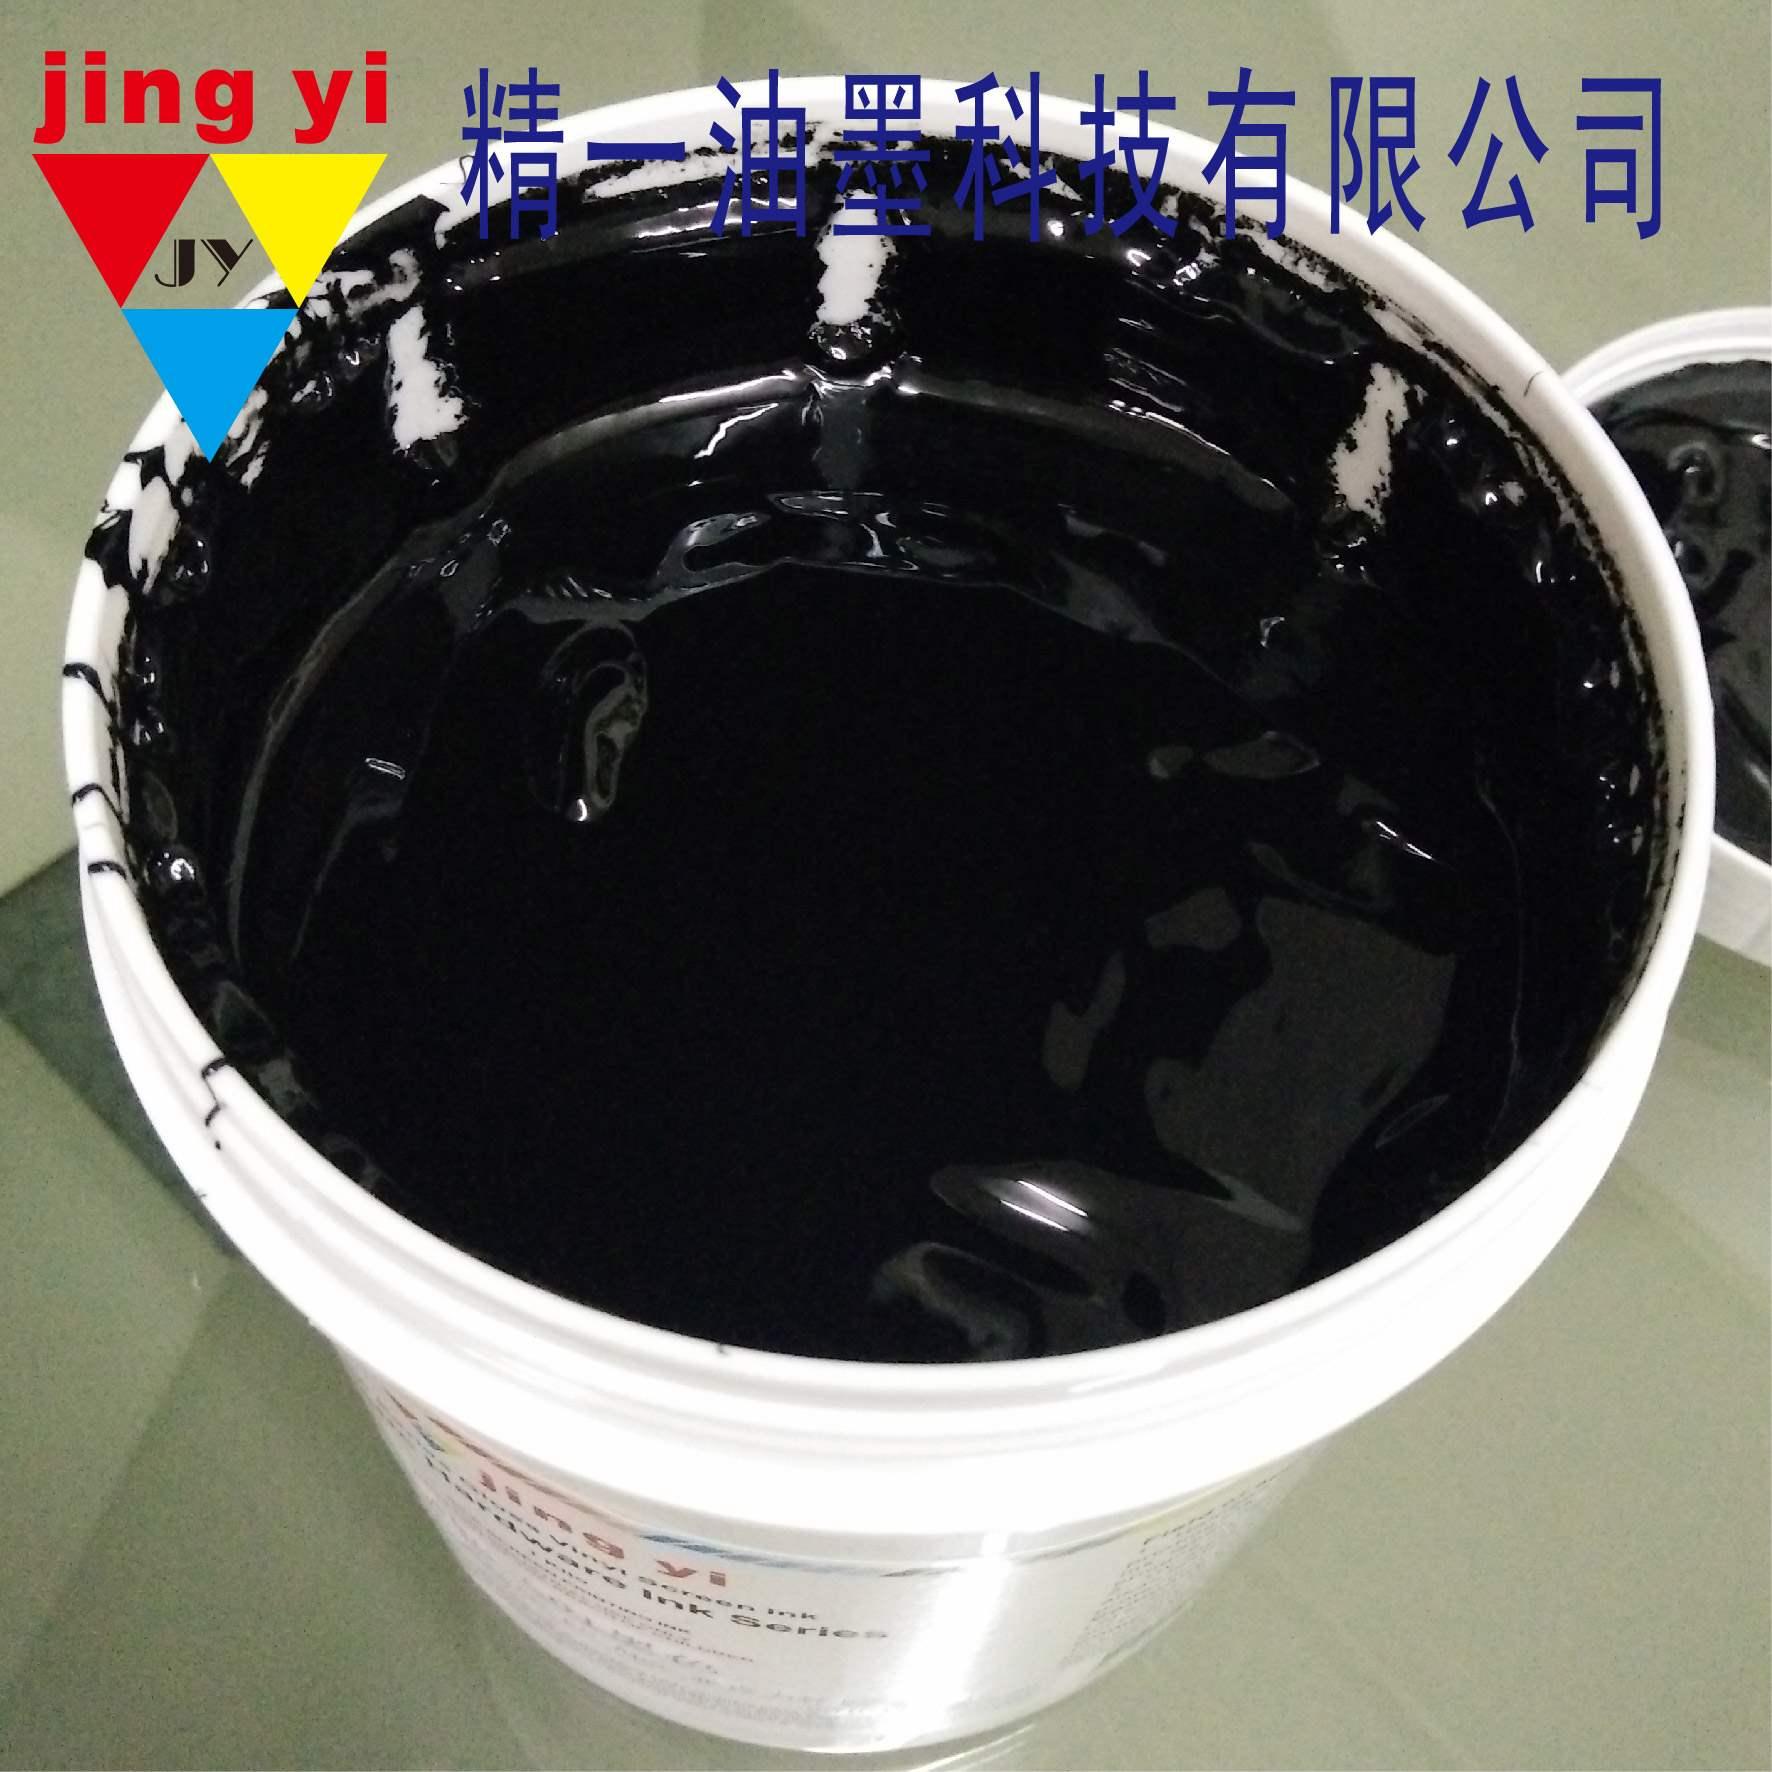 精一ppe移印インキ未処理pe材料pp免処理耐3 mテープシルクスクリーン印刷環境保護インキ